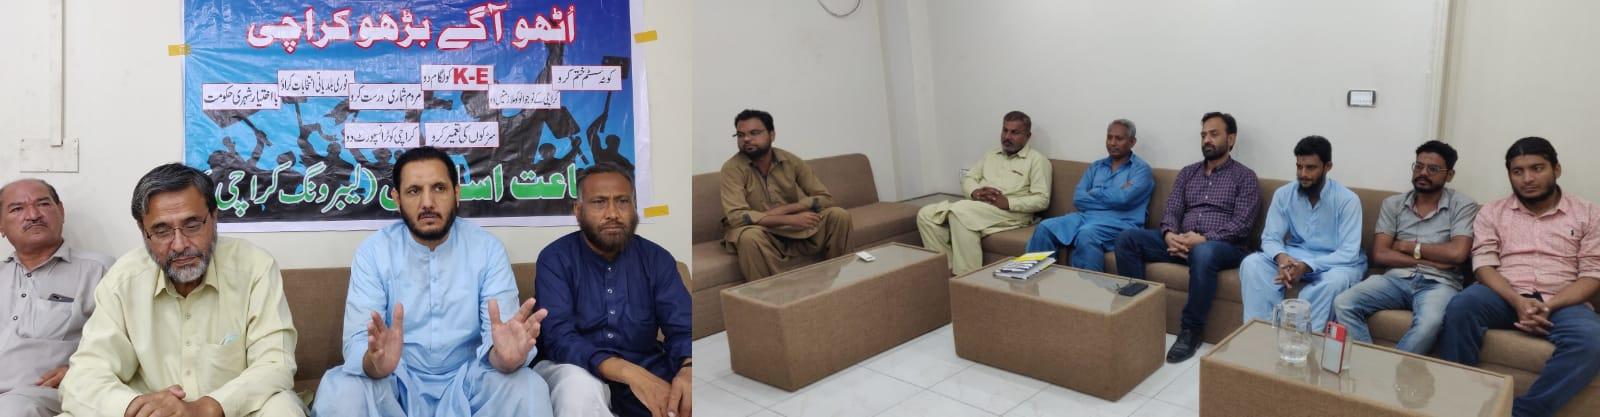 جماعت اسلامی لیبر ونگ مزدوروں کے ذریعے پاکستان میں فلاحی اور اسلامی مملکت کا قیام